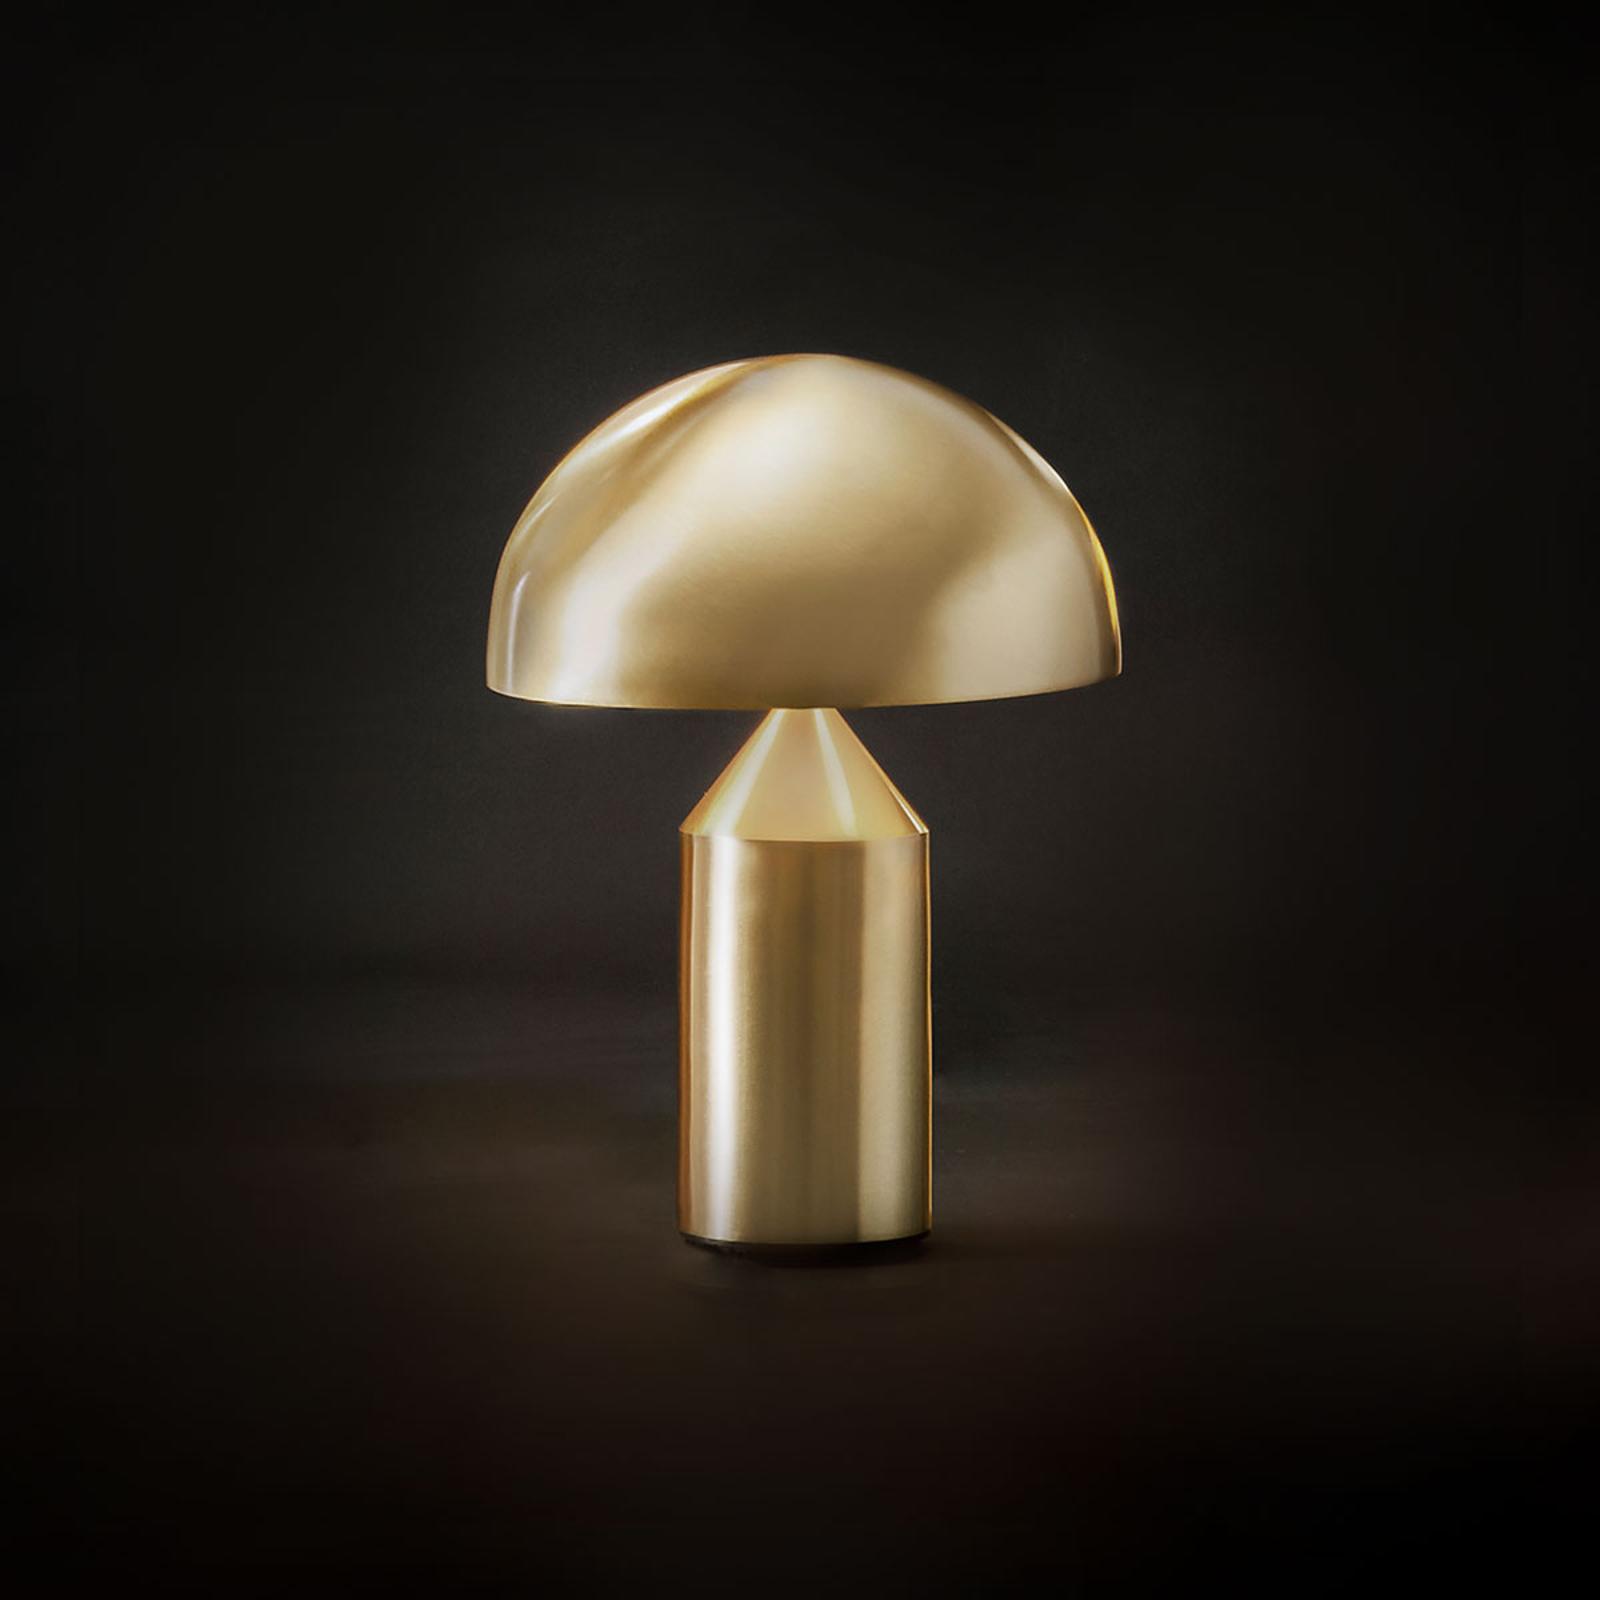 Oluce Atollo - tafellamp in goud, 35 cm